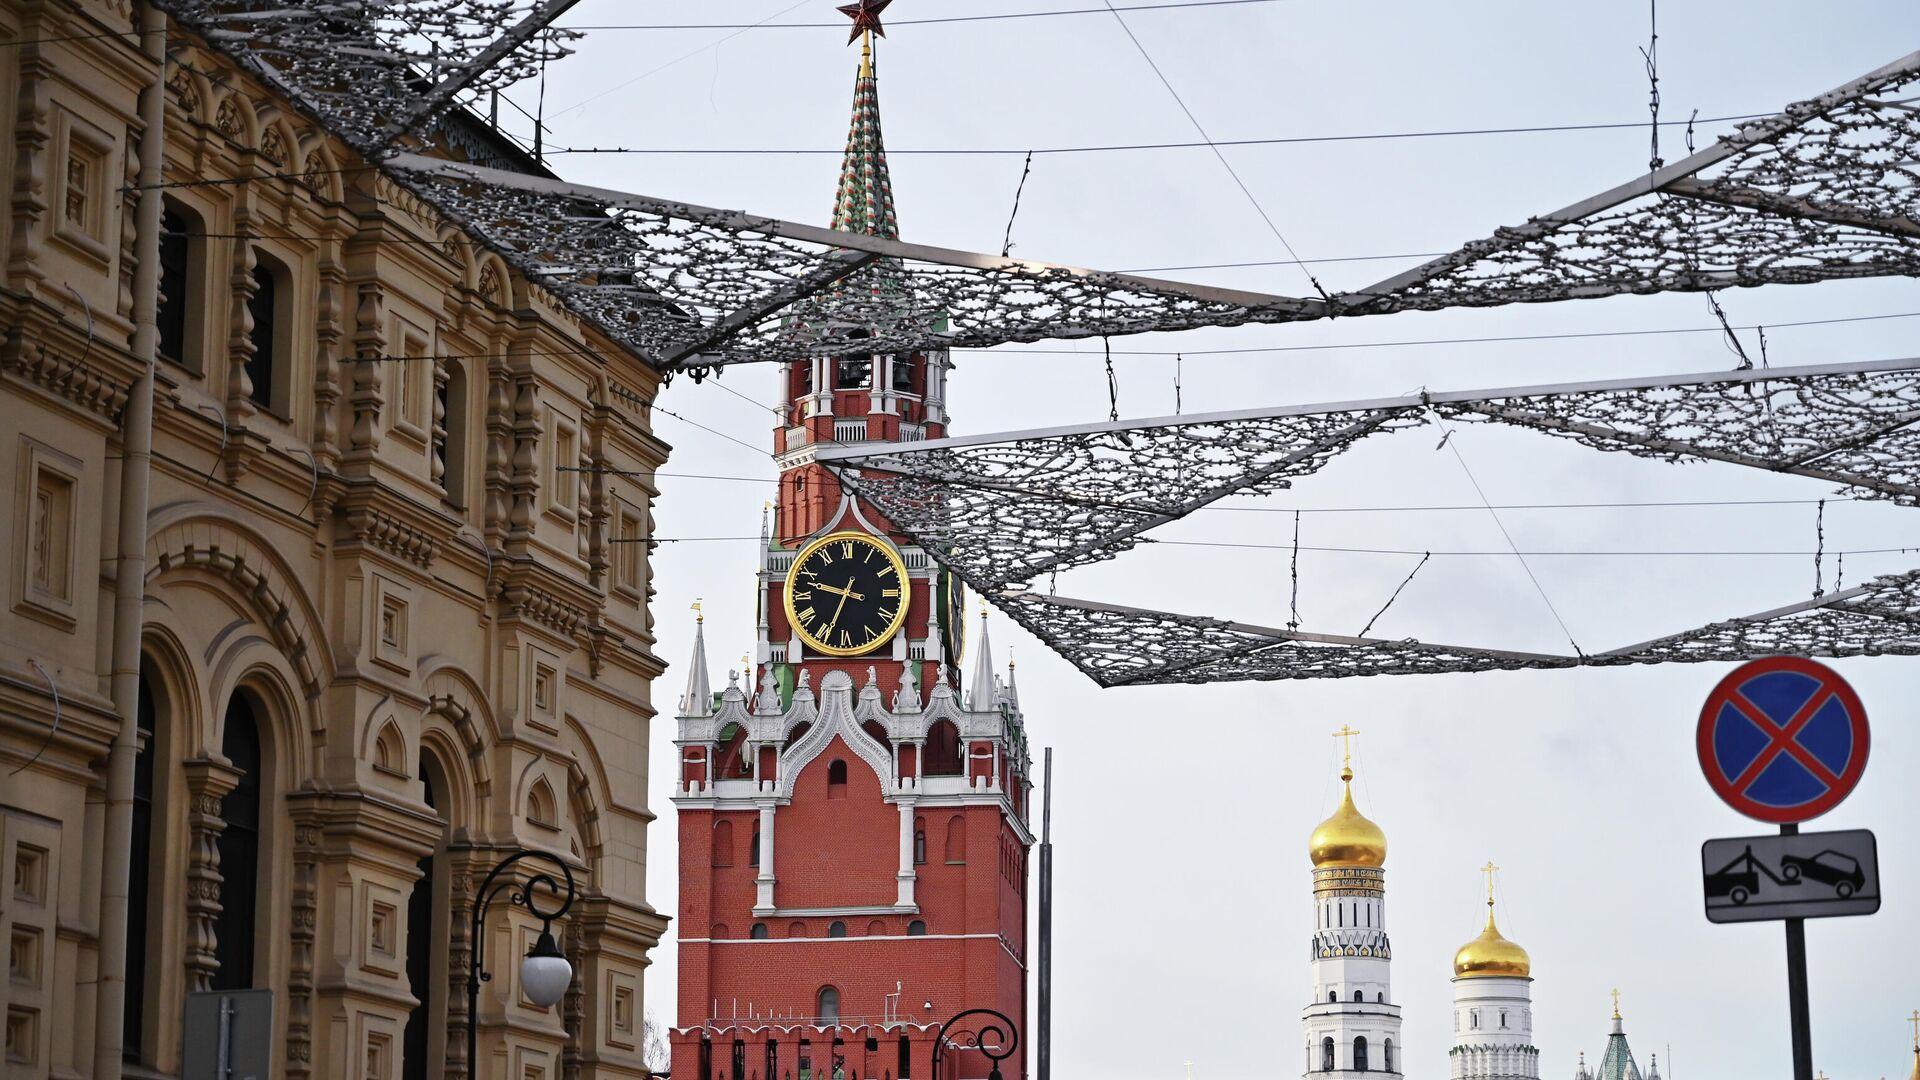 Спасская башня Московского Кремля - РИА Новости, 1920, 17.03.2021